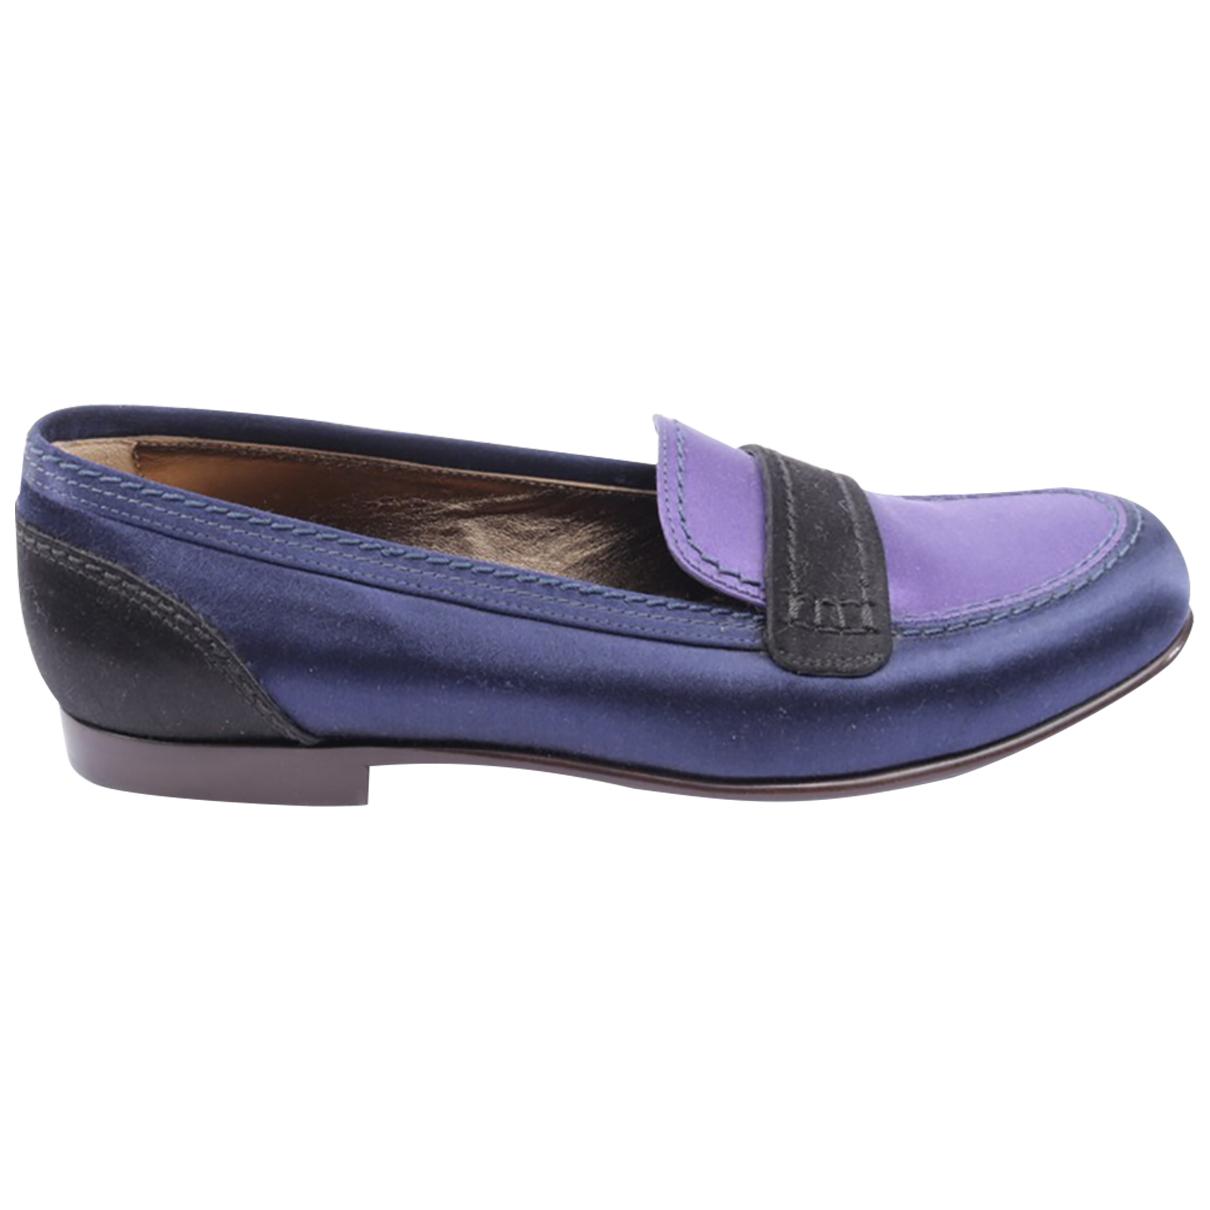 Lanvin \N Sneakers in  Blau Leder